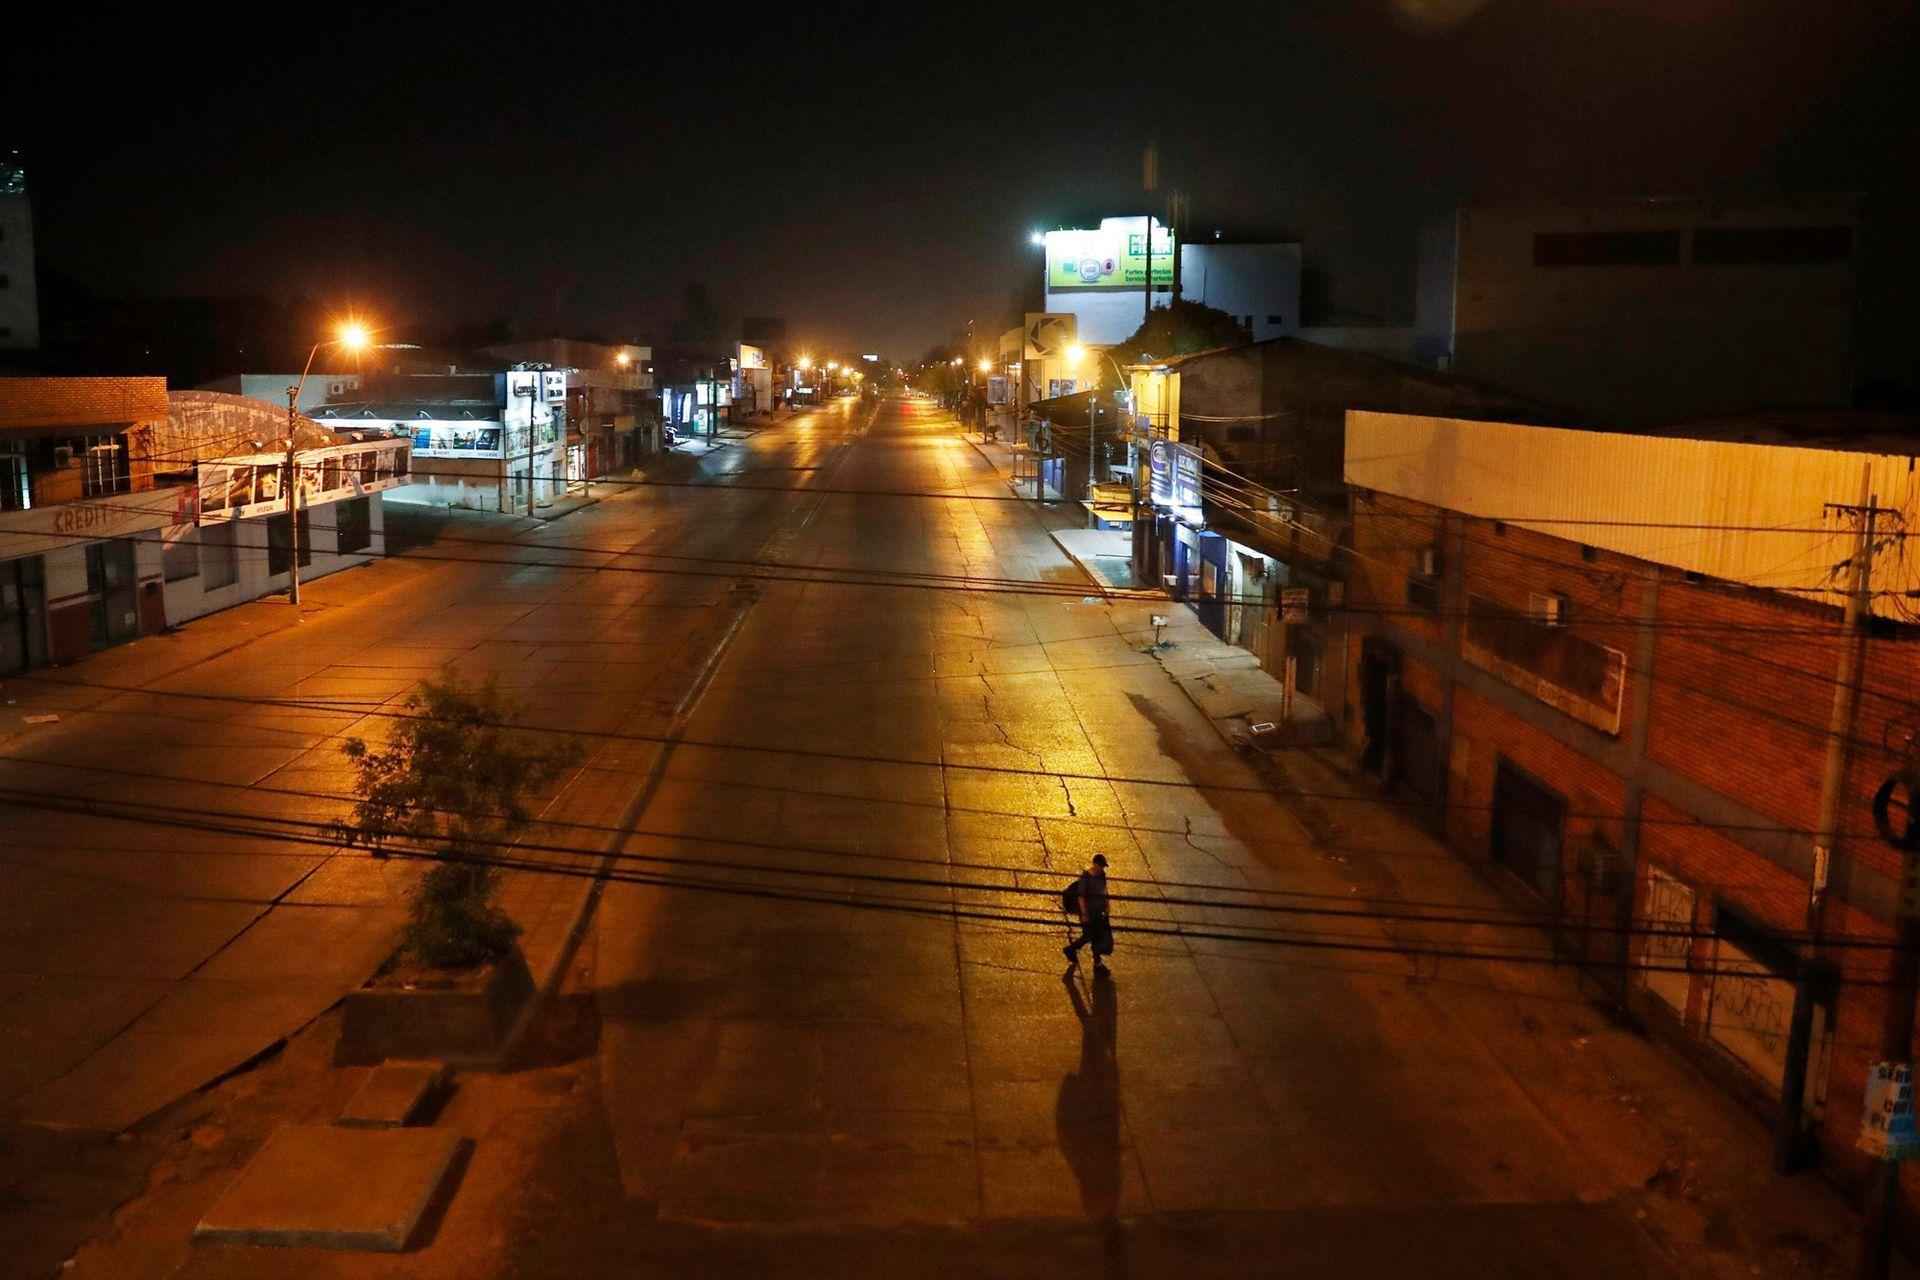 Un hombre cruza una avenida vacía de Eusebio Ayala durante un toque de queda para frenar la nueva pandemia de coronavirus en Asunción